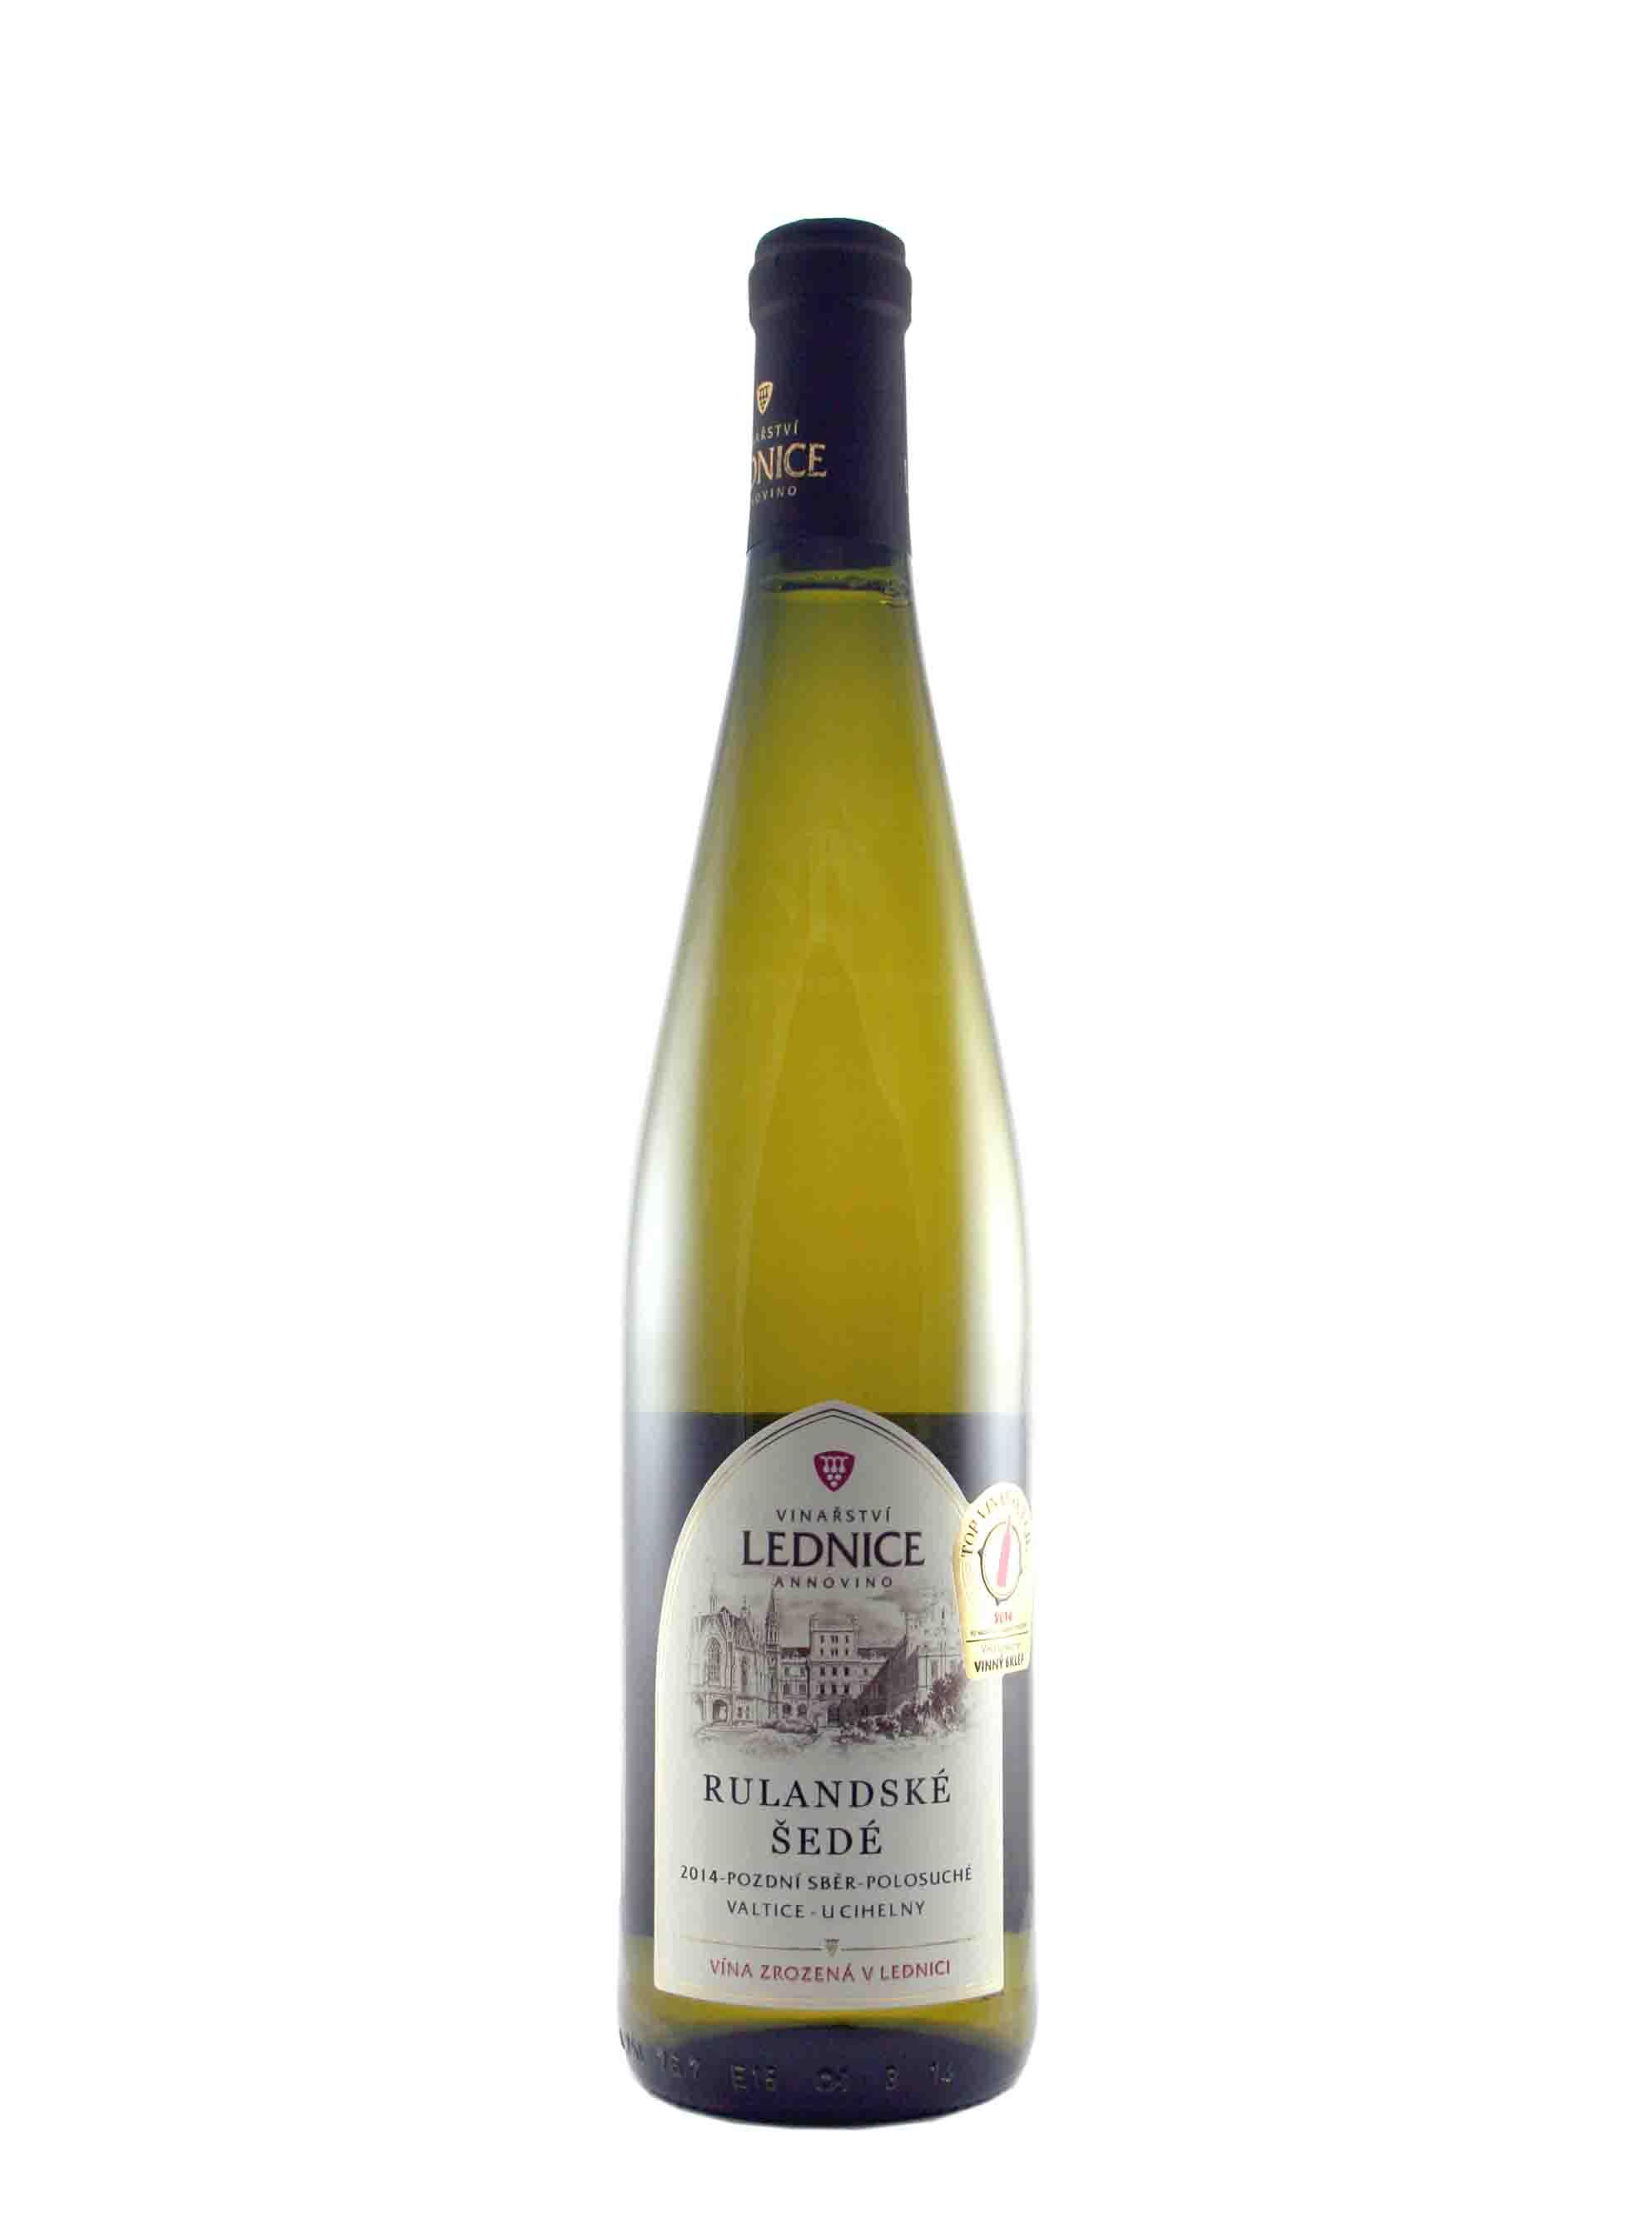 Rulandské šedé, Pozdní sběr, 2014, Château Lednice, 0.75 l